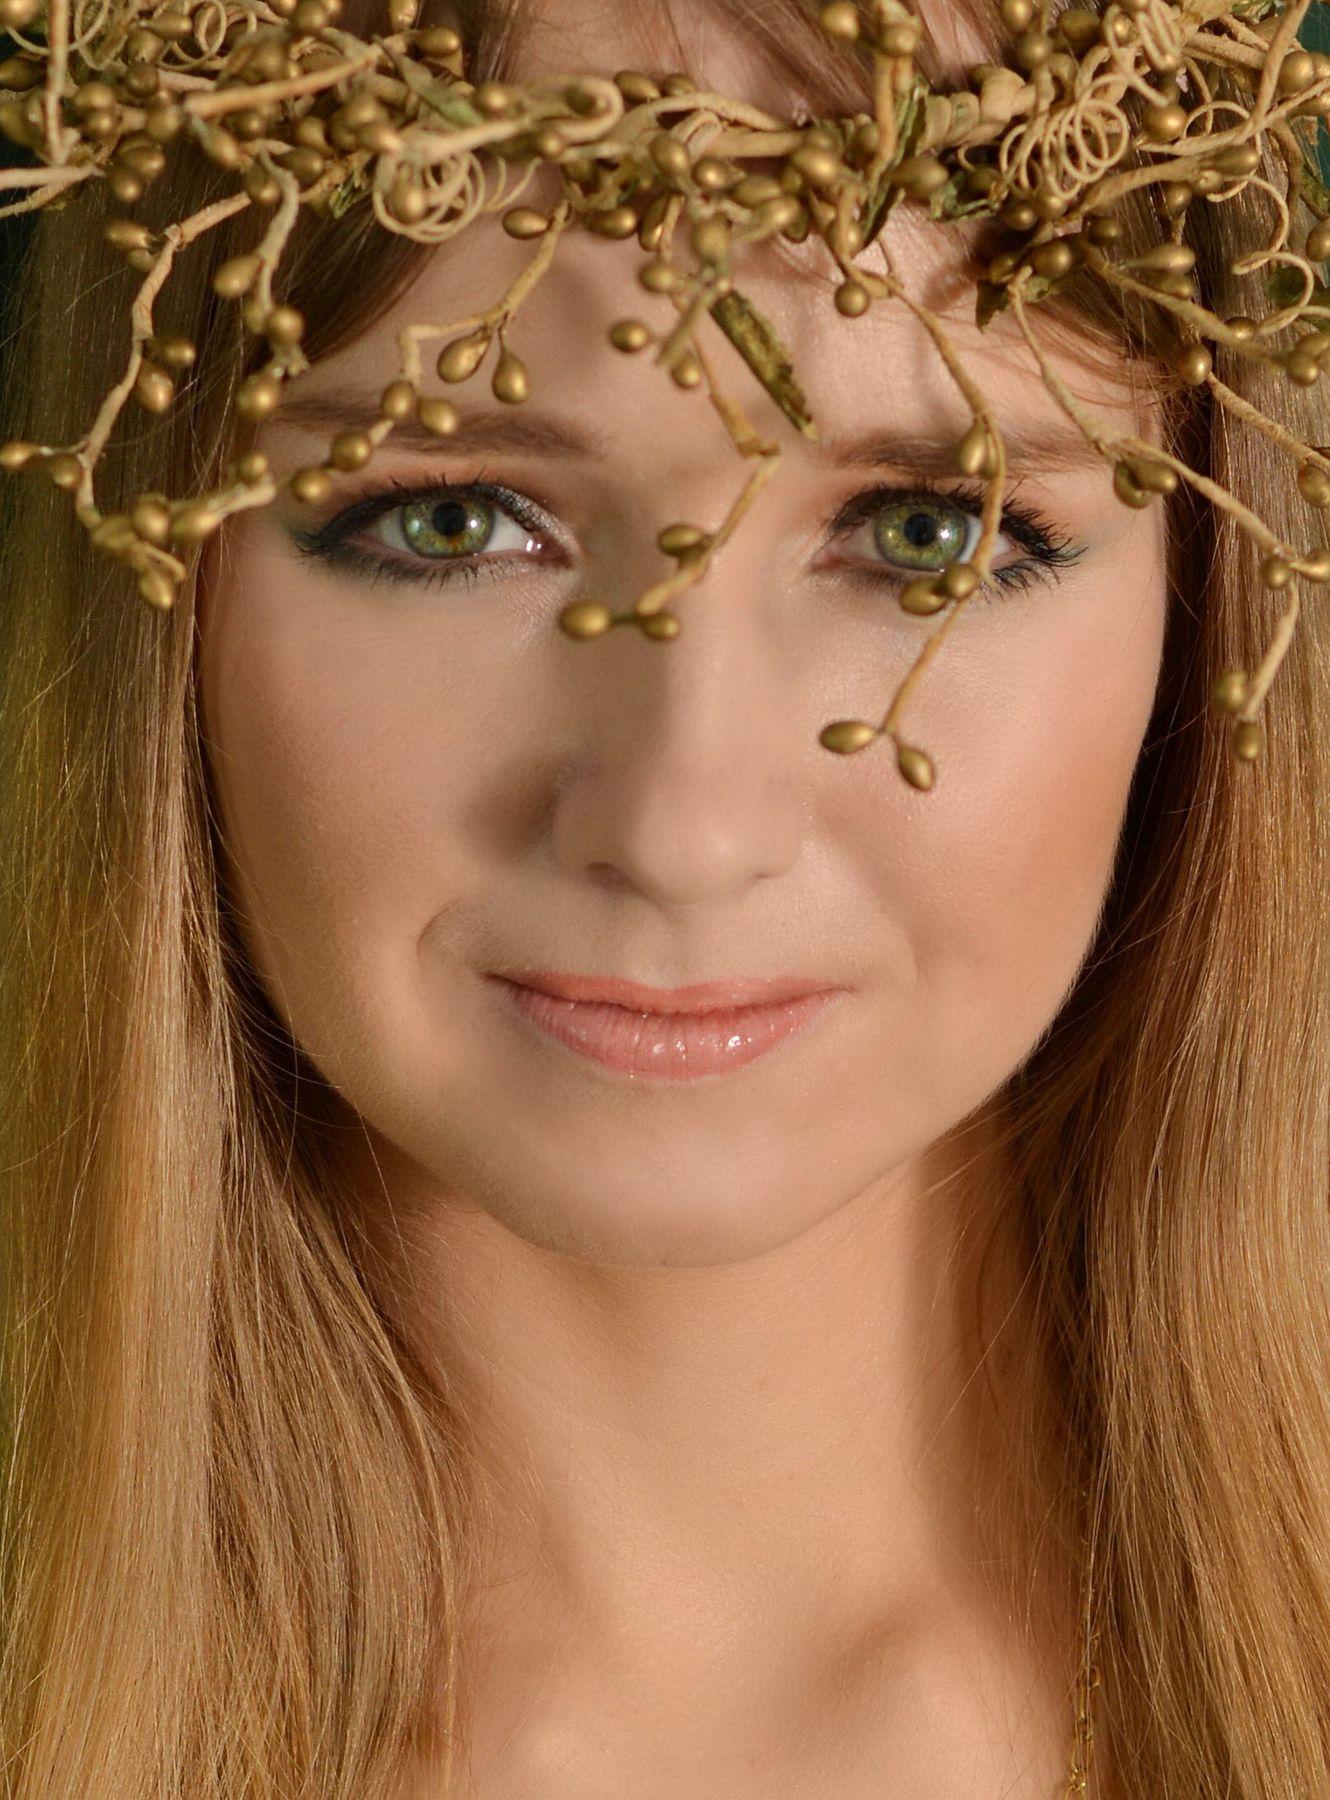 Венок женский портрет фея венок зелёные глаза блондинка красавица